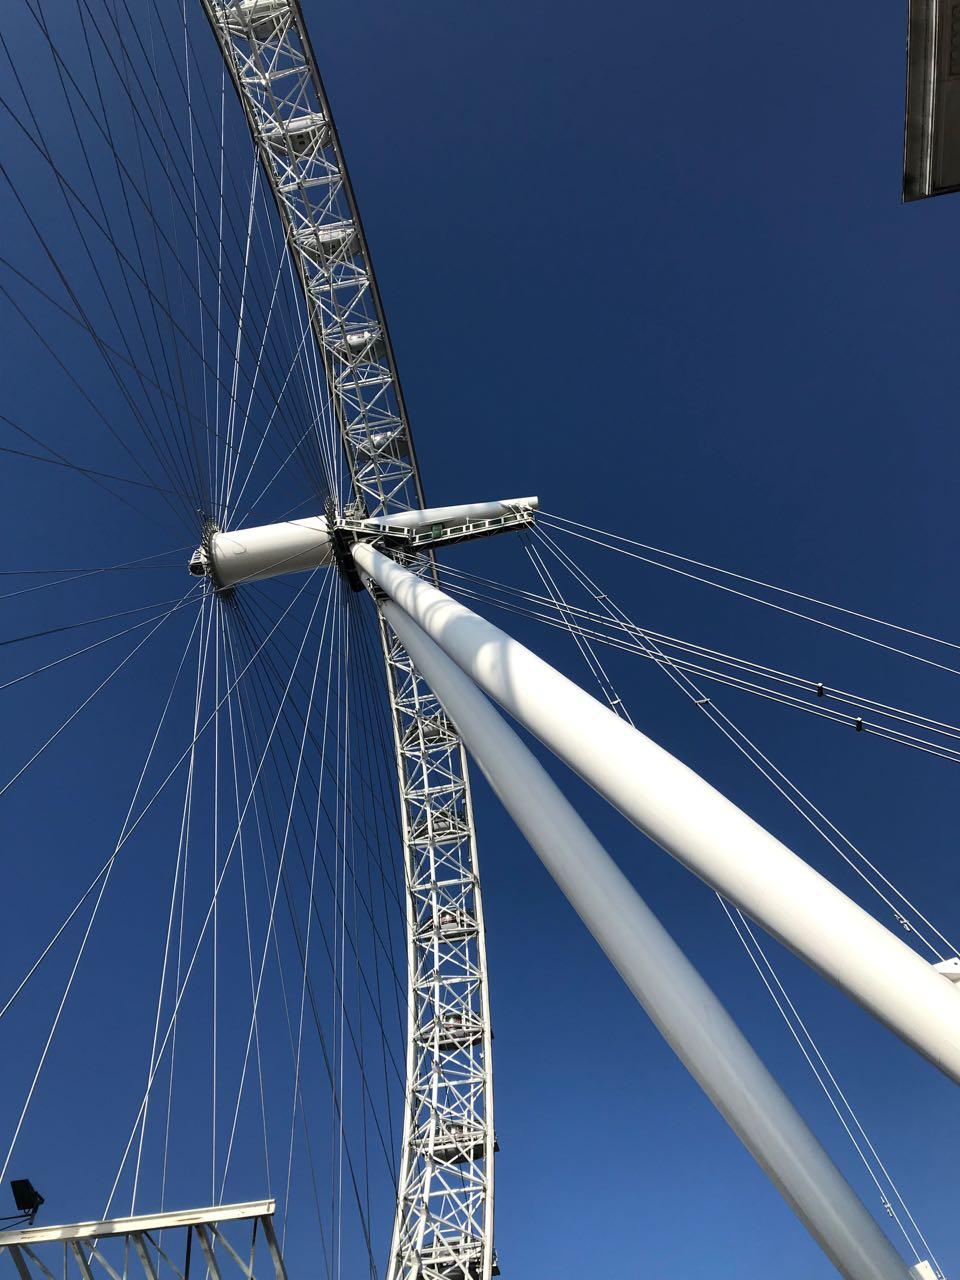 London Eye from Below